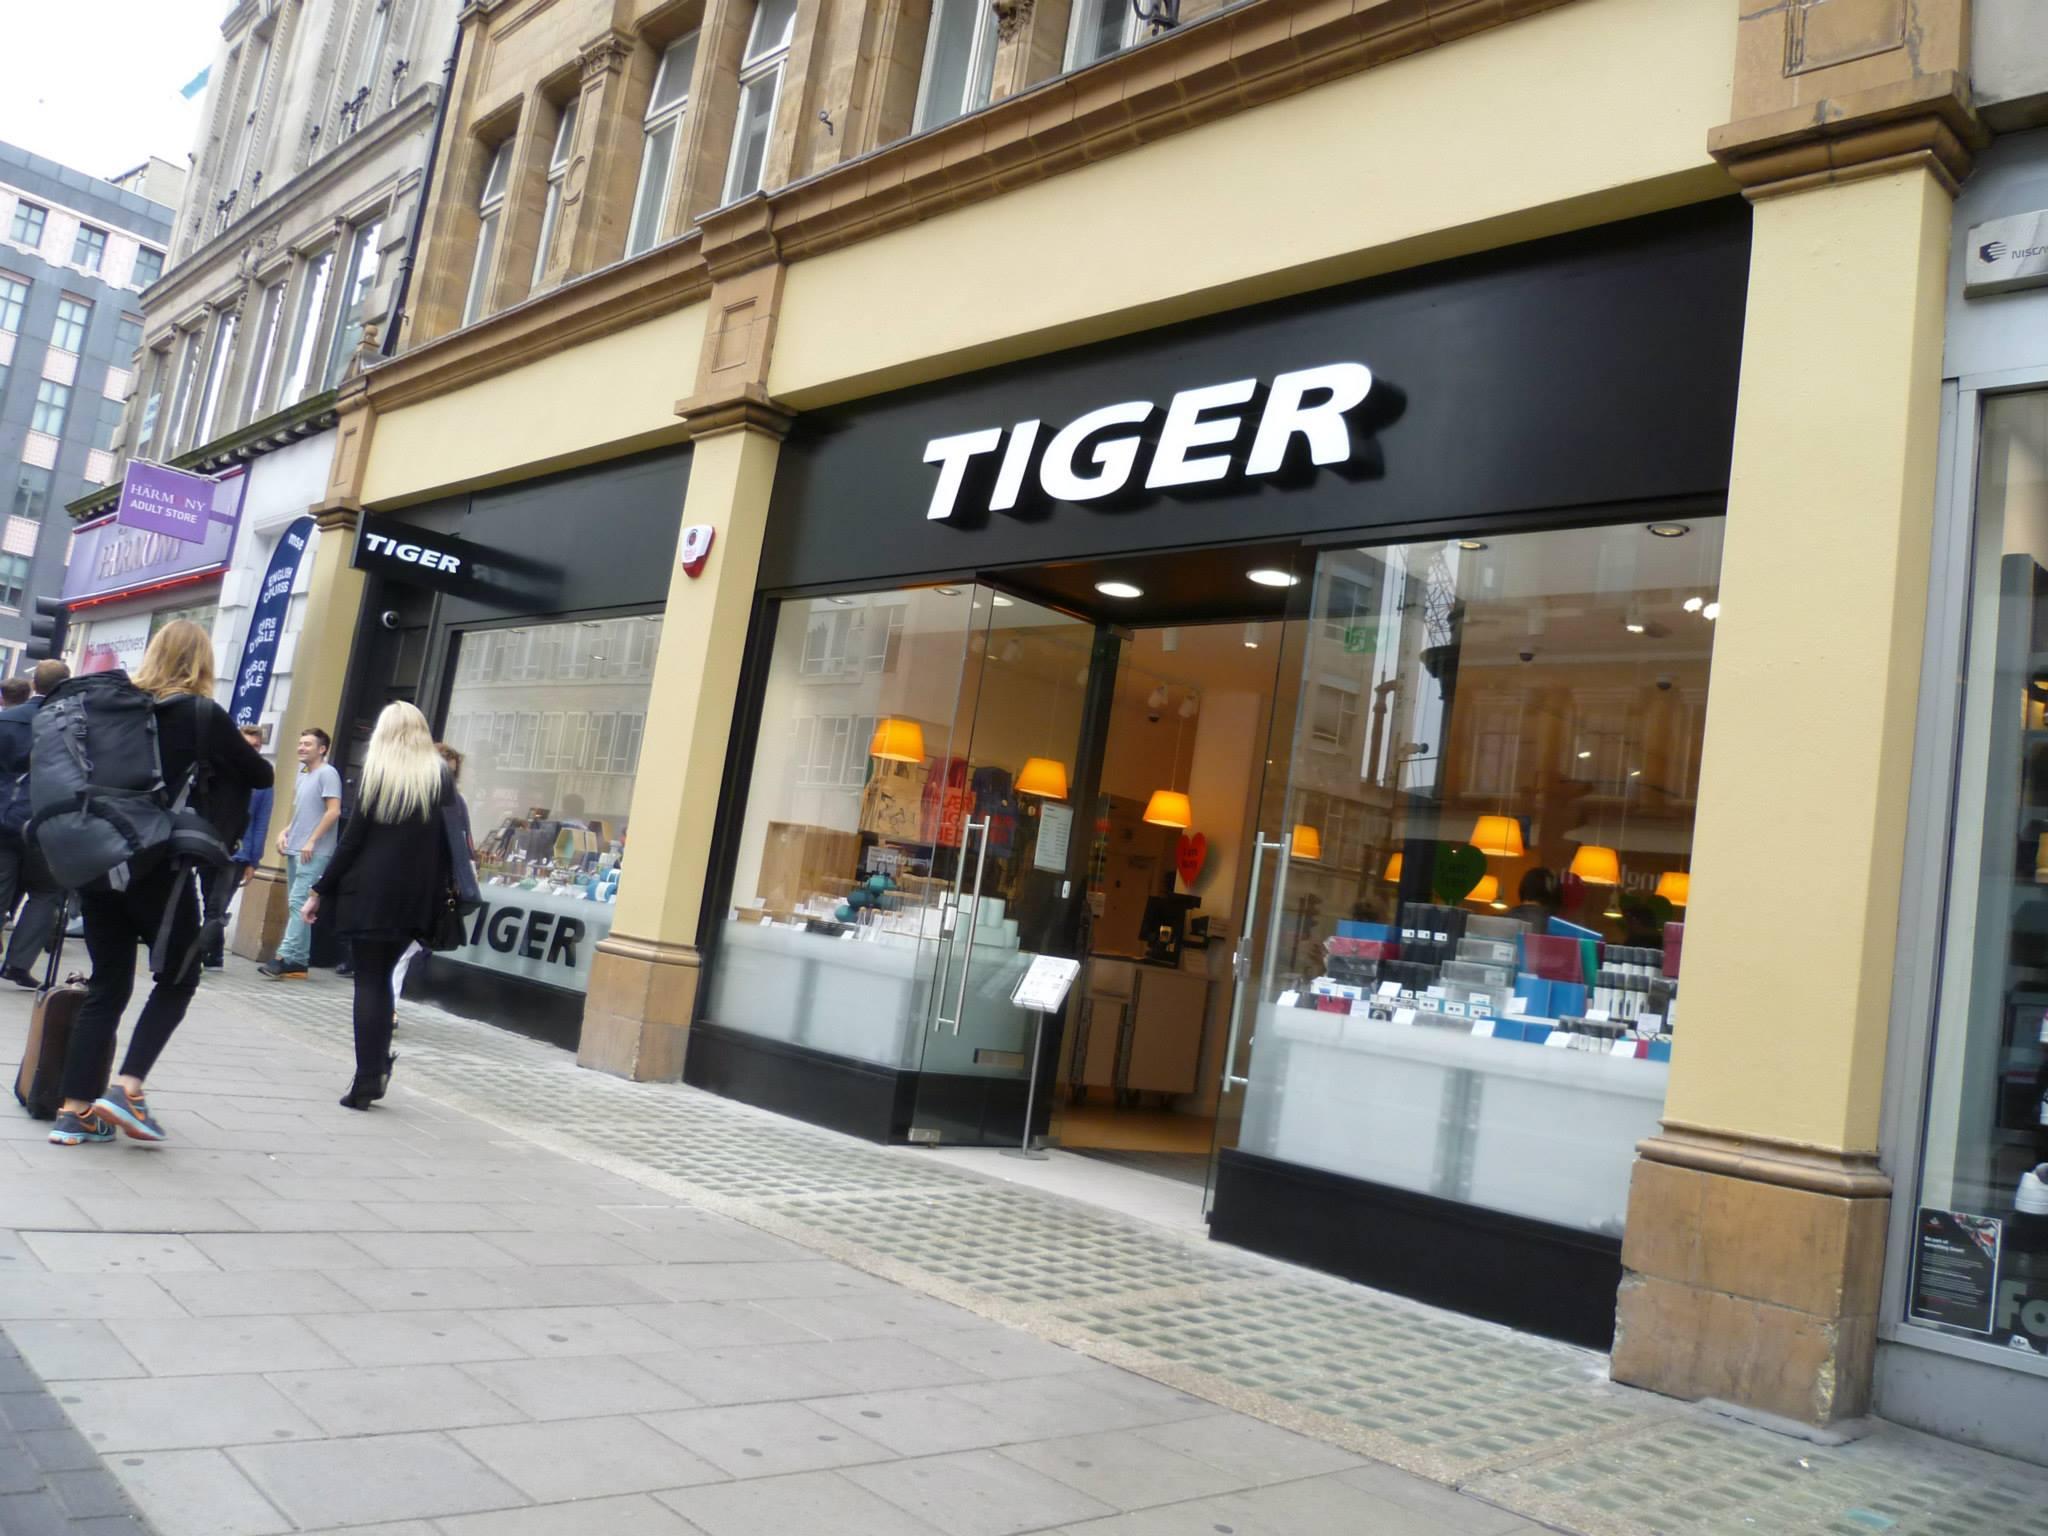 tiger-oxford-street-exterior.jpg